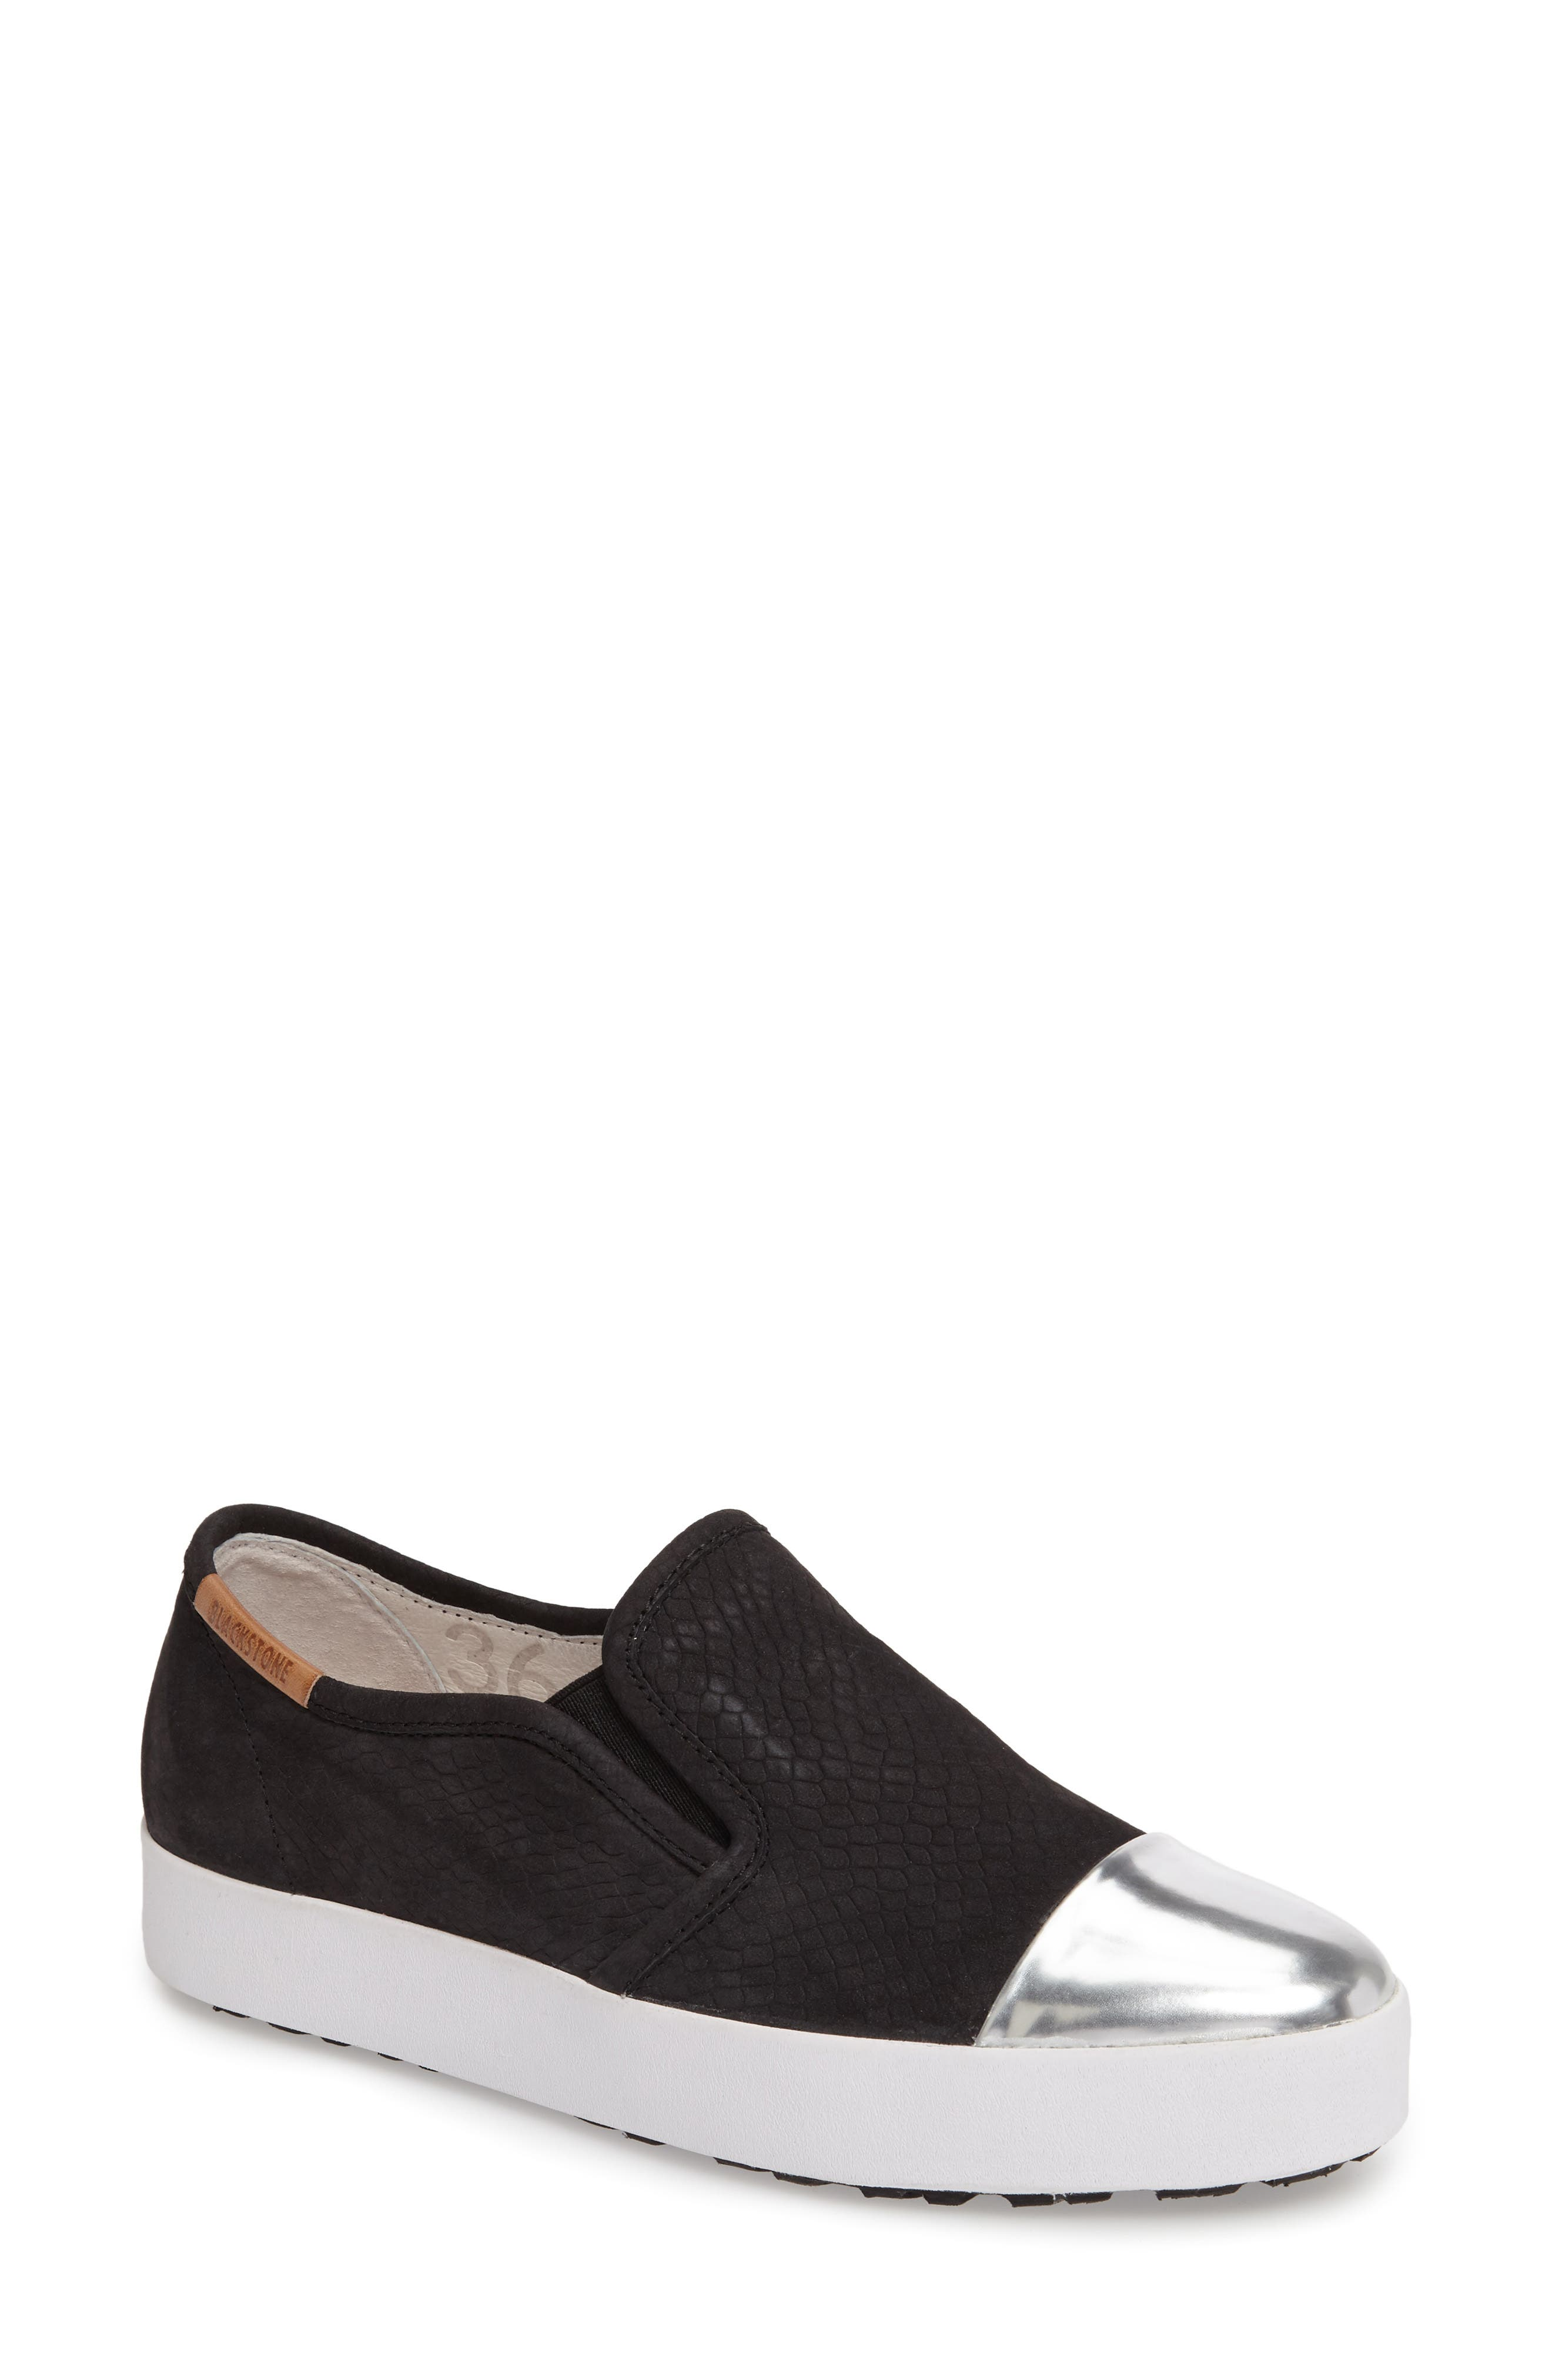 NL47 Slip-On Sneaker,                         Main,                         color,